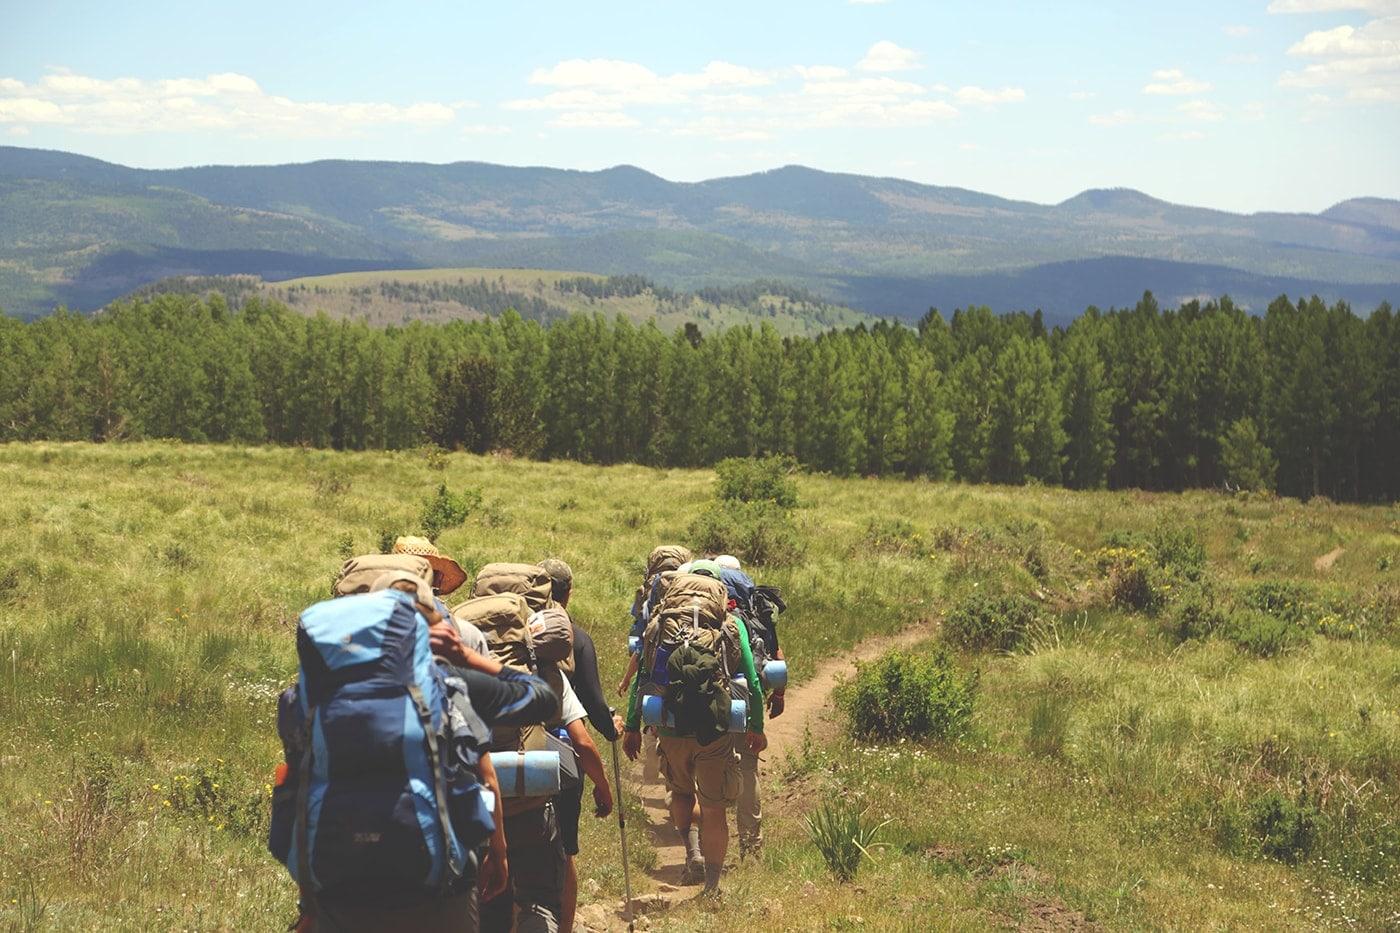 enseñar español. Enseñar español la forma perfecta de viajar por el mundo